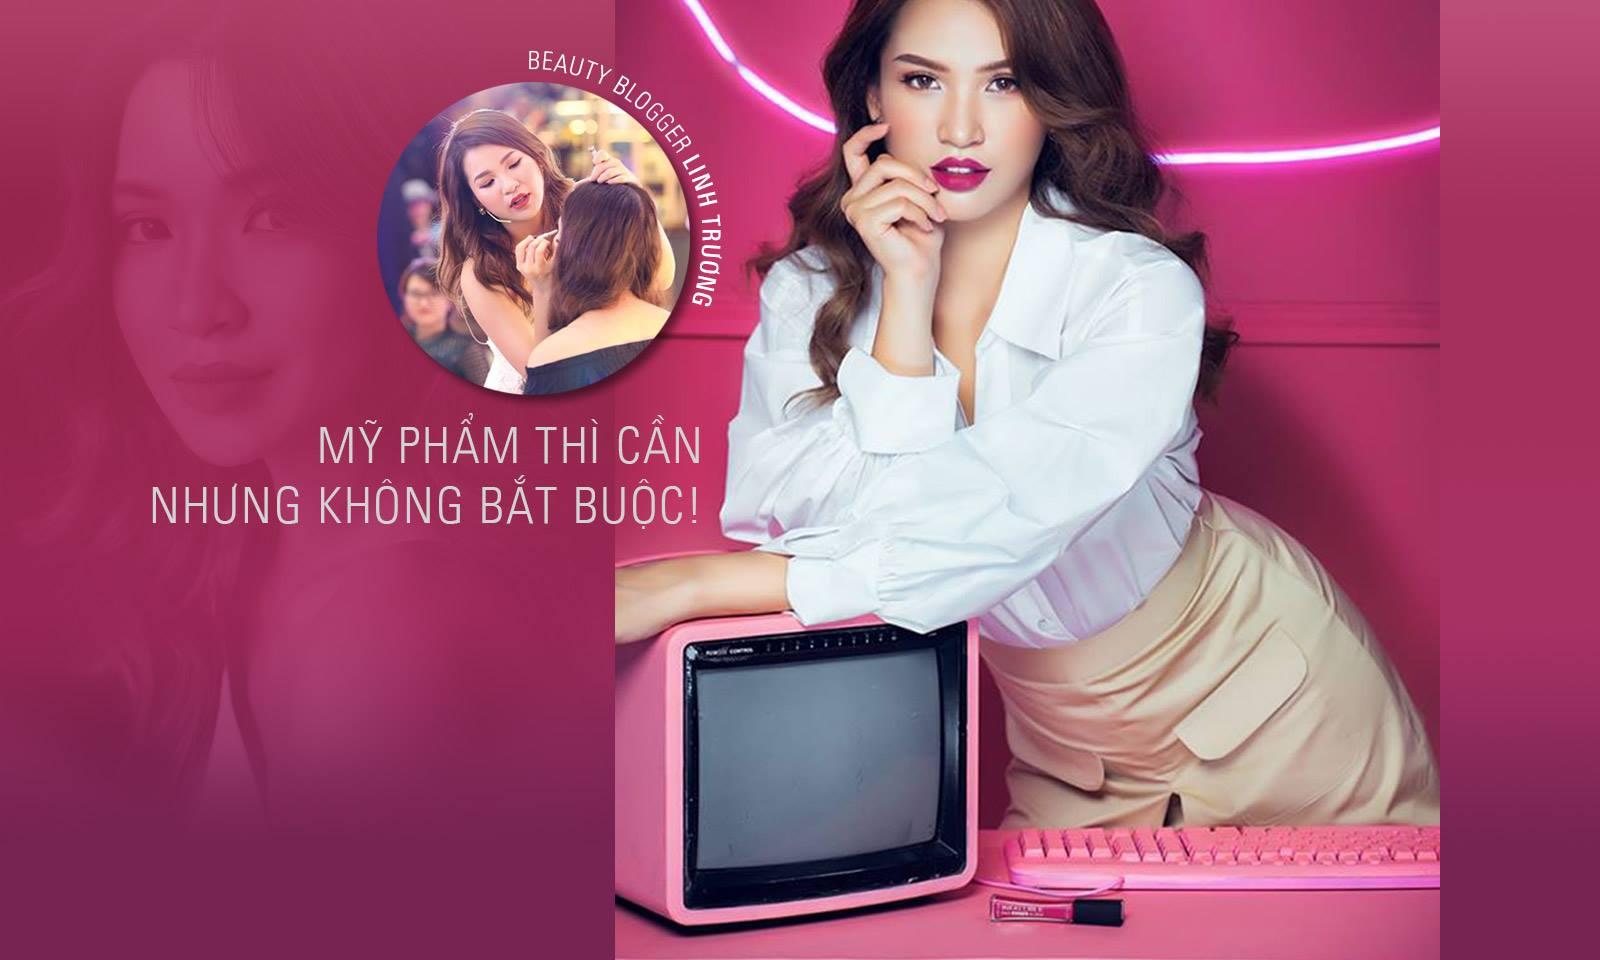 Beauty blogger Linh Trương: Mỹ phẩm ư? Cần nhưng không bắt buộc!